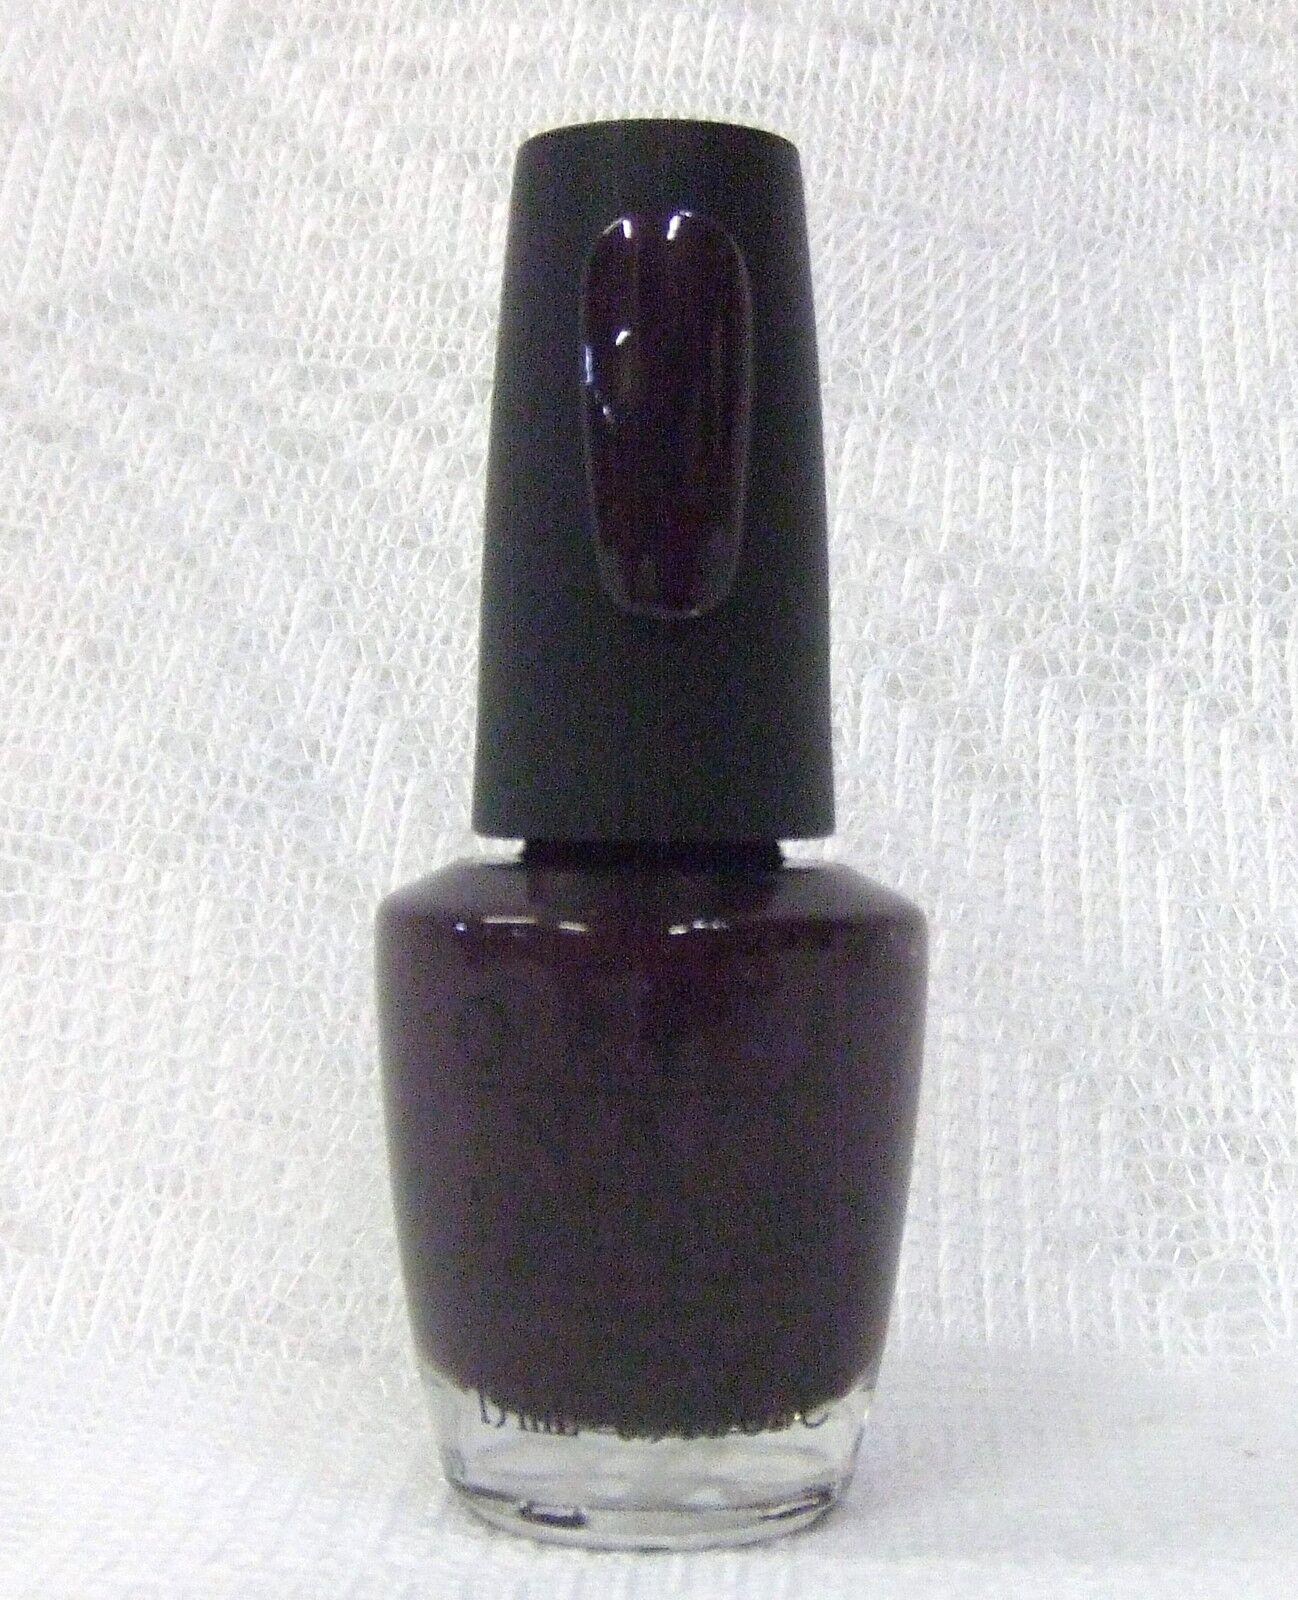 OPI Nail Polish Color Lincoln Park at Midnight D01 .5oz/14ml | eBay